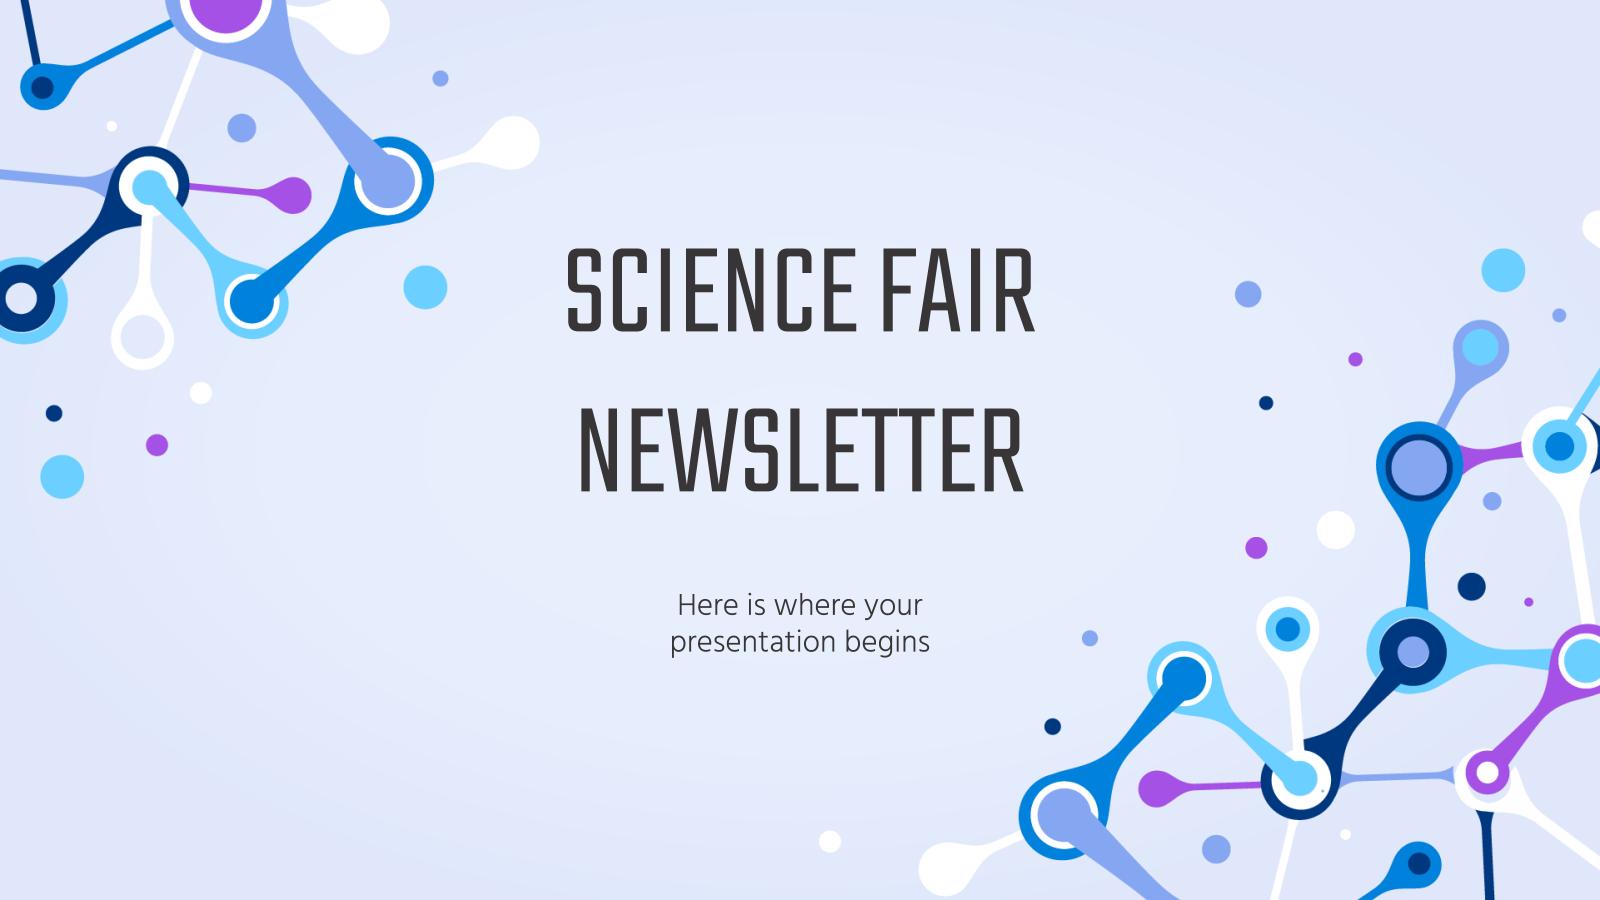 Plantilla de presentación Newsletter para una feria de ciencias